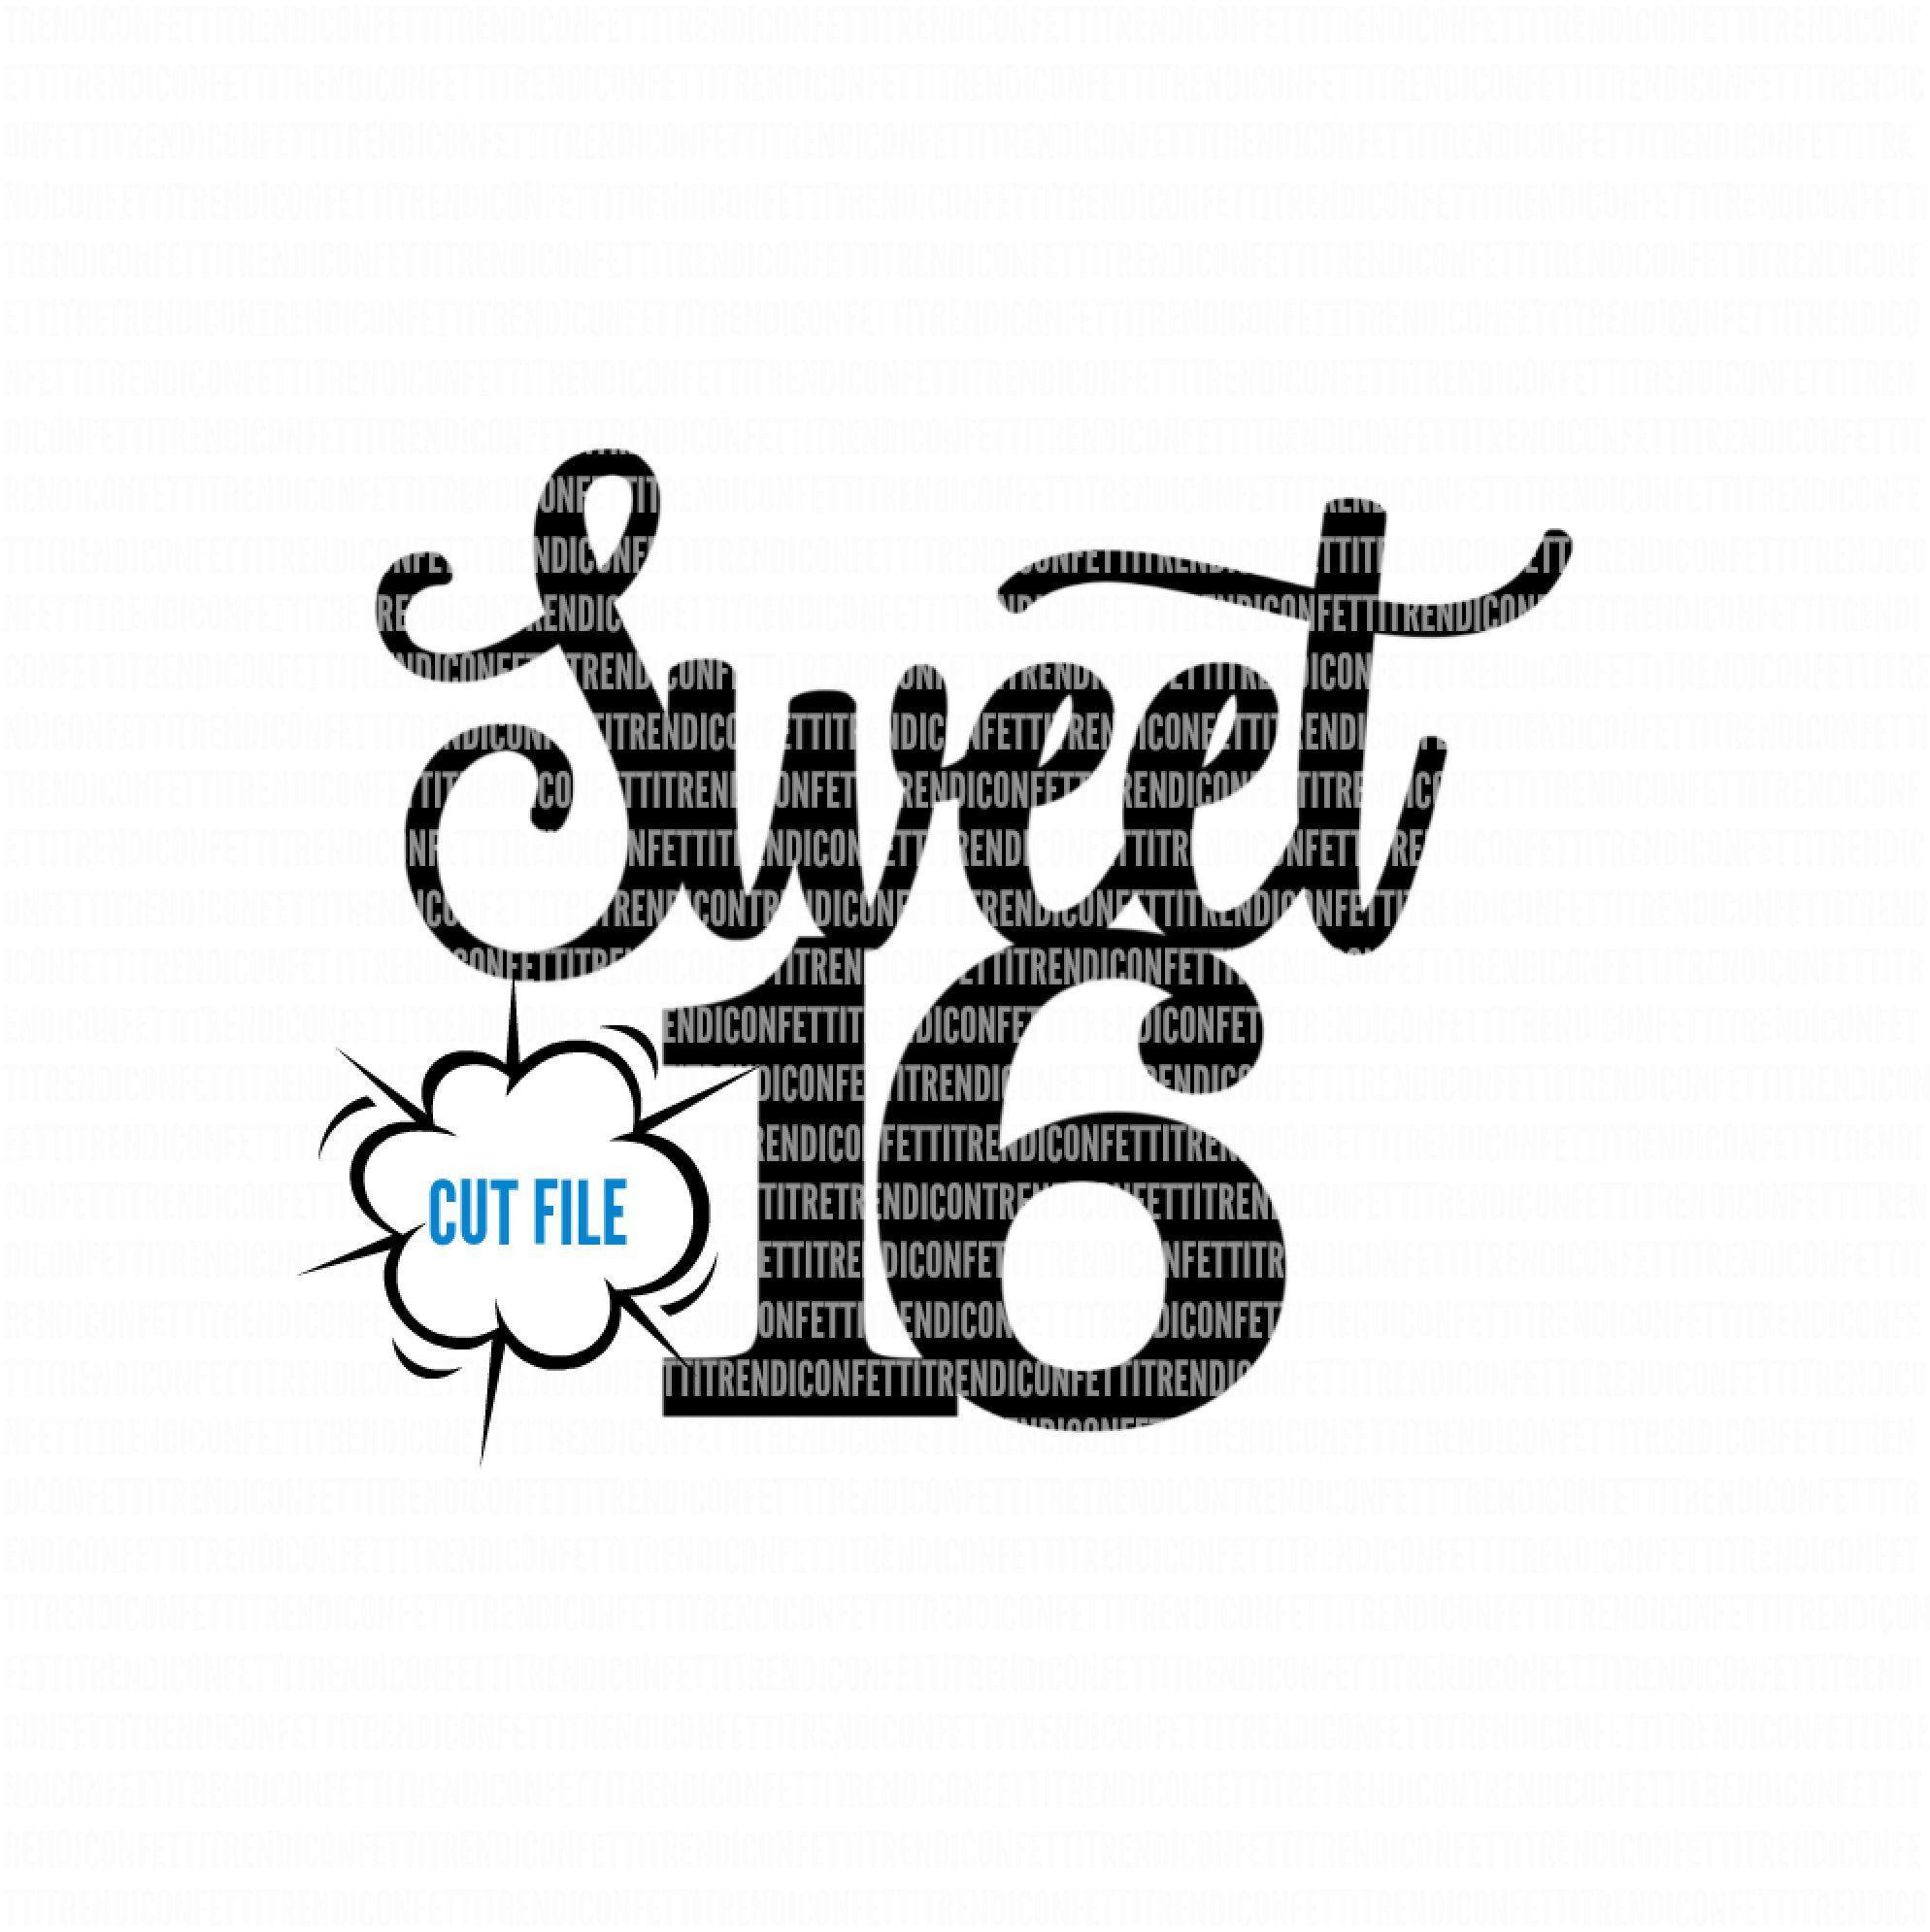 Sweet 16 Svg Birthday Svg Files Cake Topper Svg Birthday Svg For Cricut Sixteen Svg 16th Birthday Svg Svg Png Jpg Instant Download Svg Sweet 16 Cake Toppers